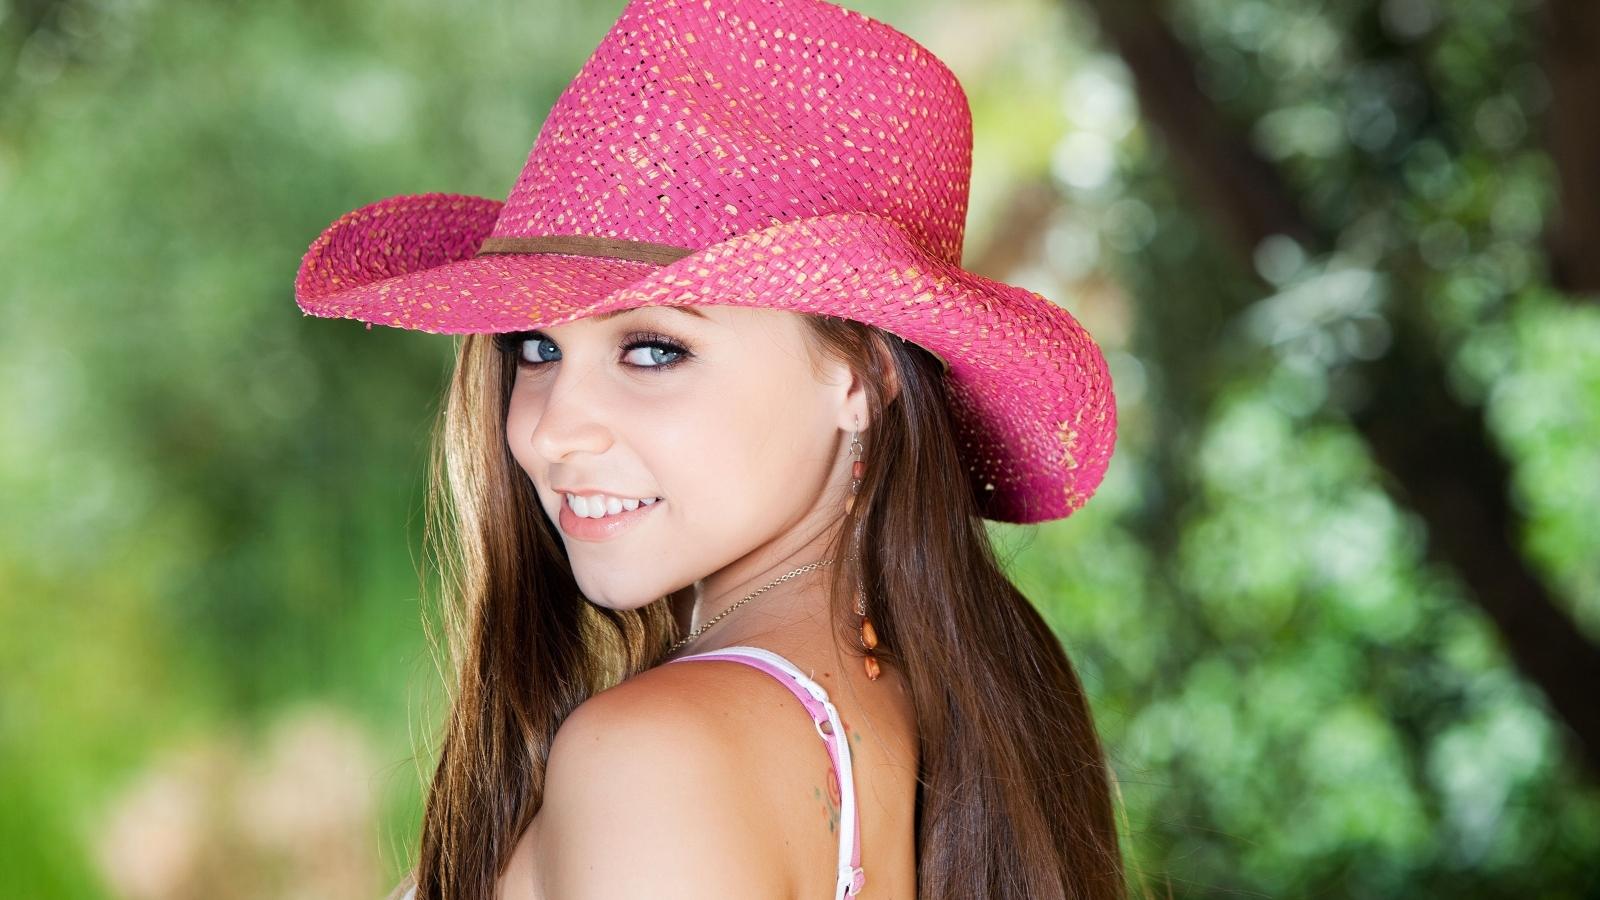 Sombrero rosado - 1600x900